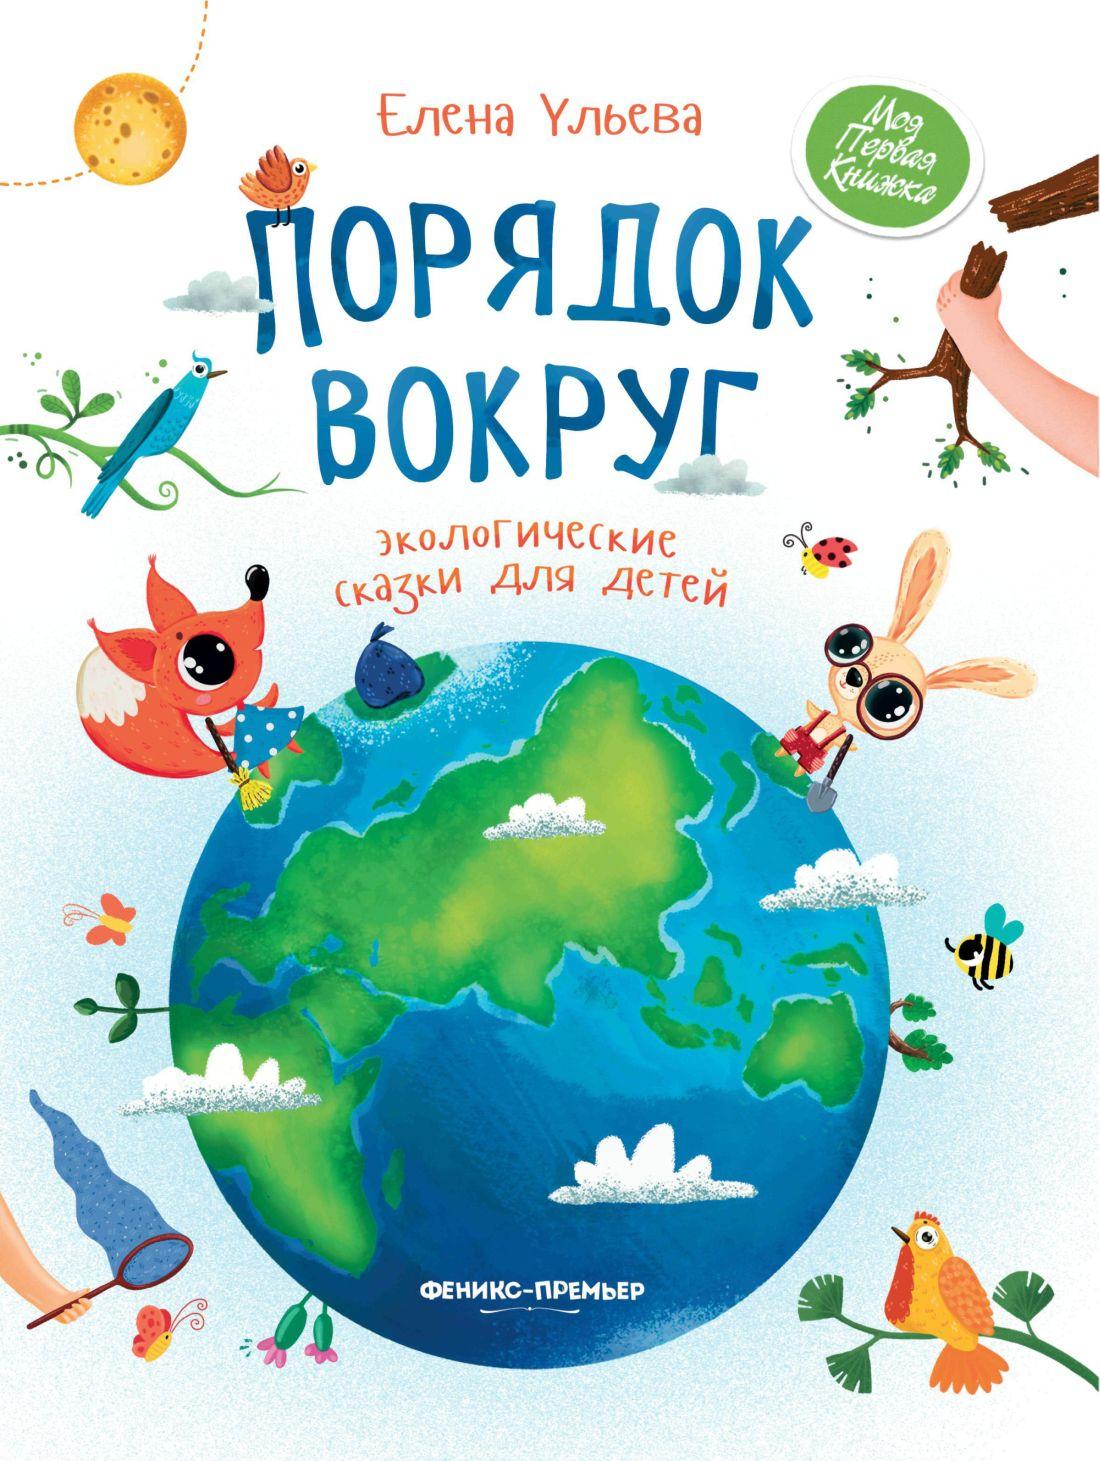 Порядок вокруг: Экологические сказки для детей